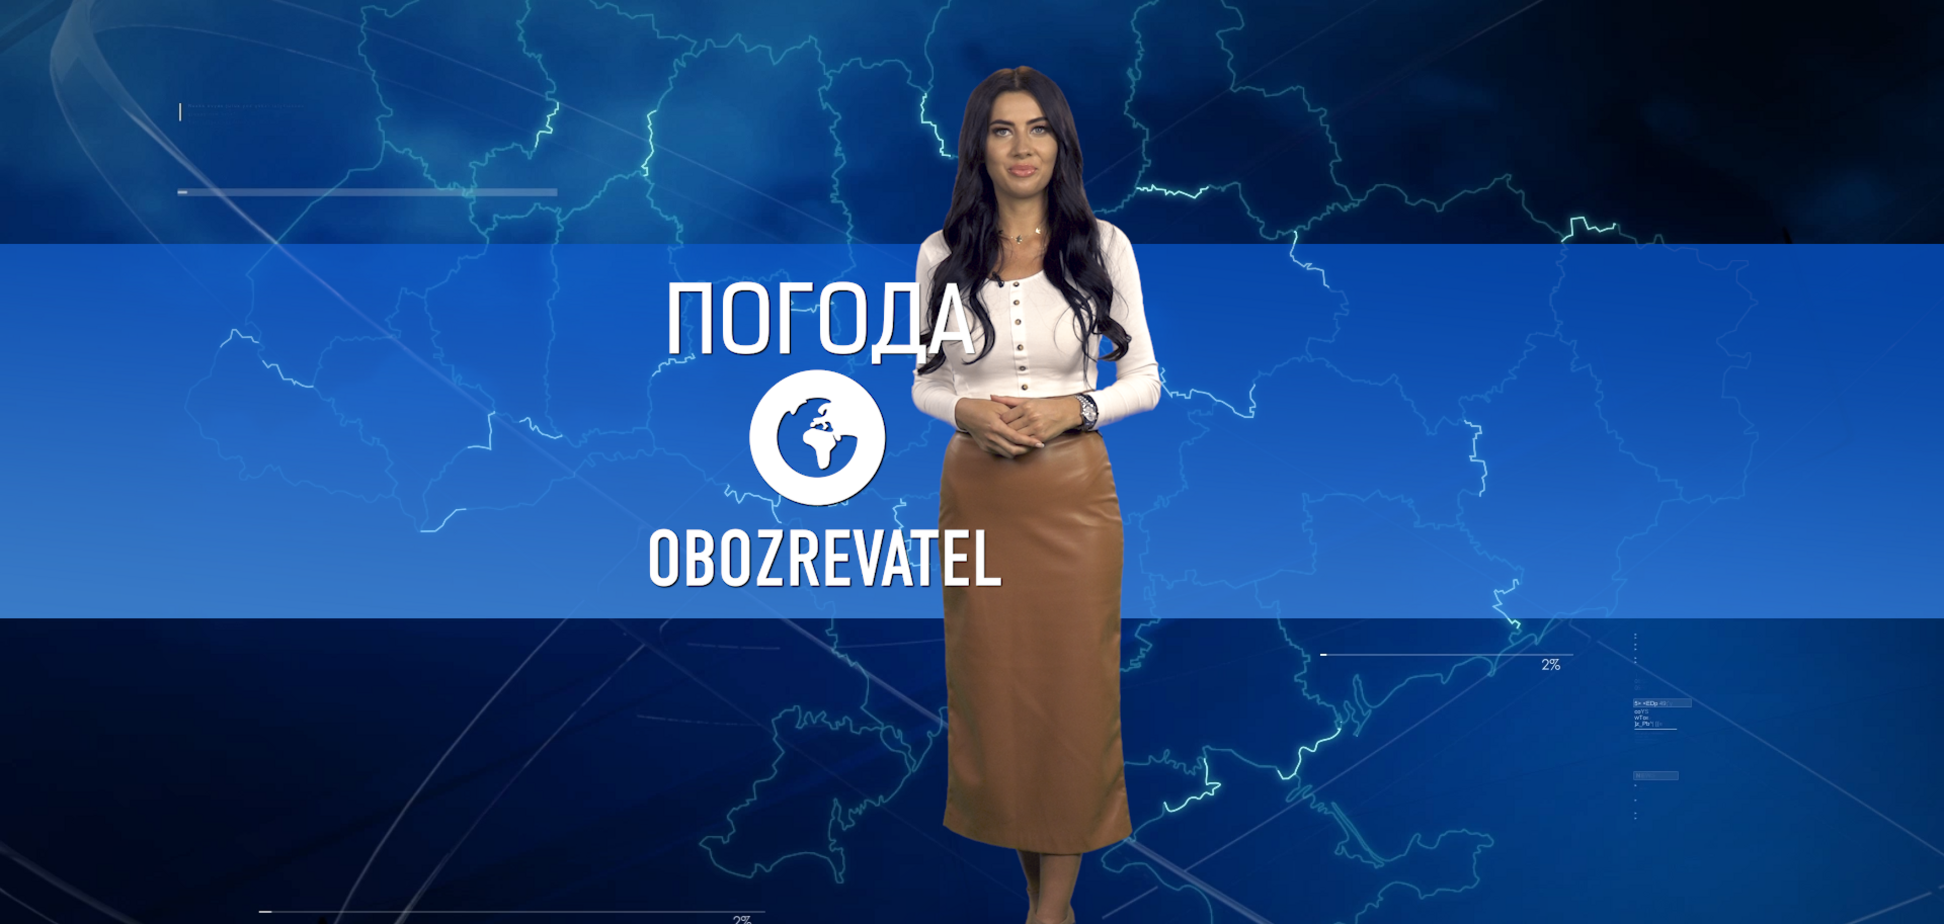 Прогноз погоди в Україні на неділю, 6 червня, з Алісою Мярковською